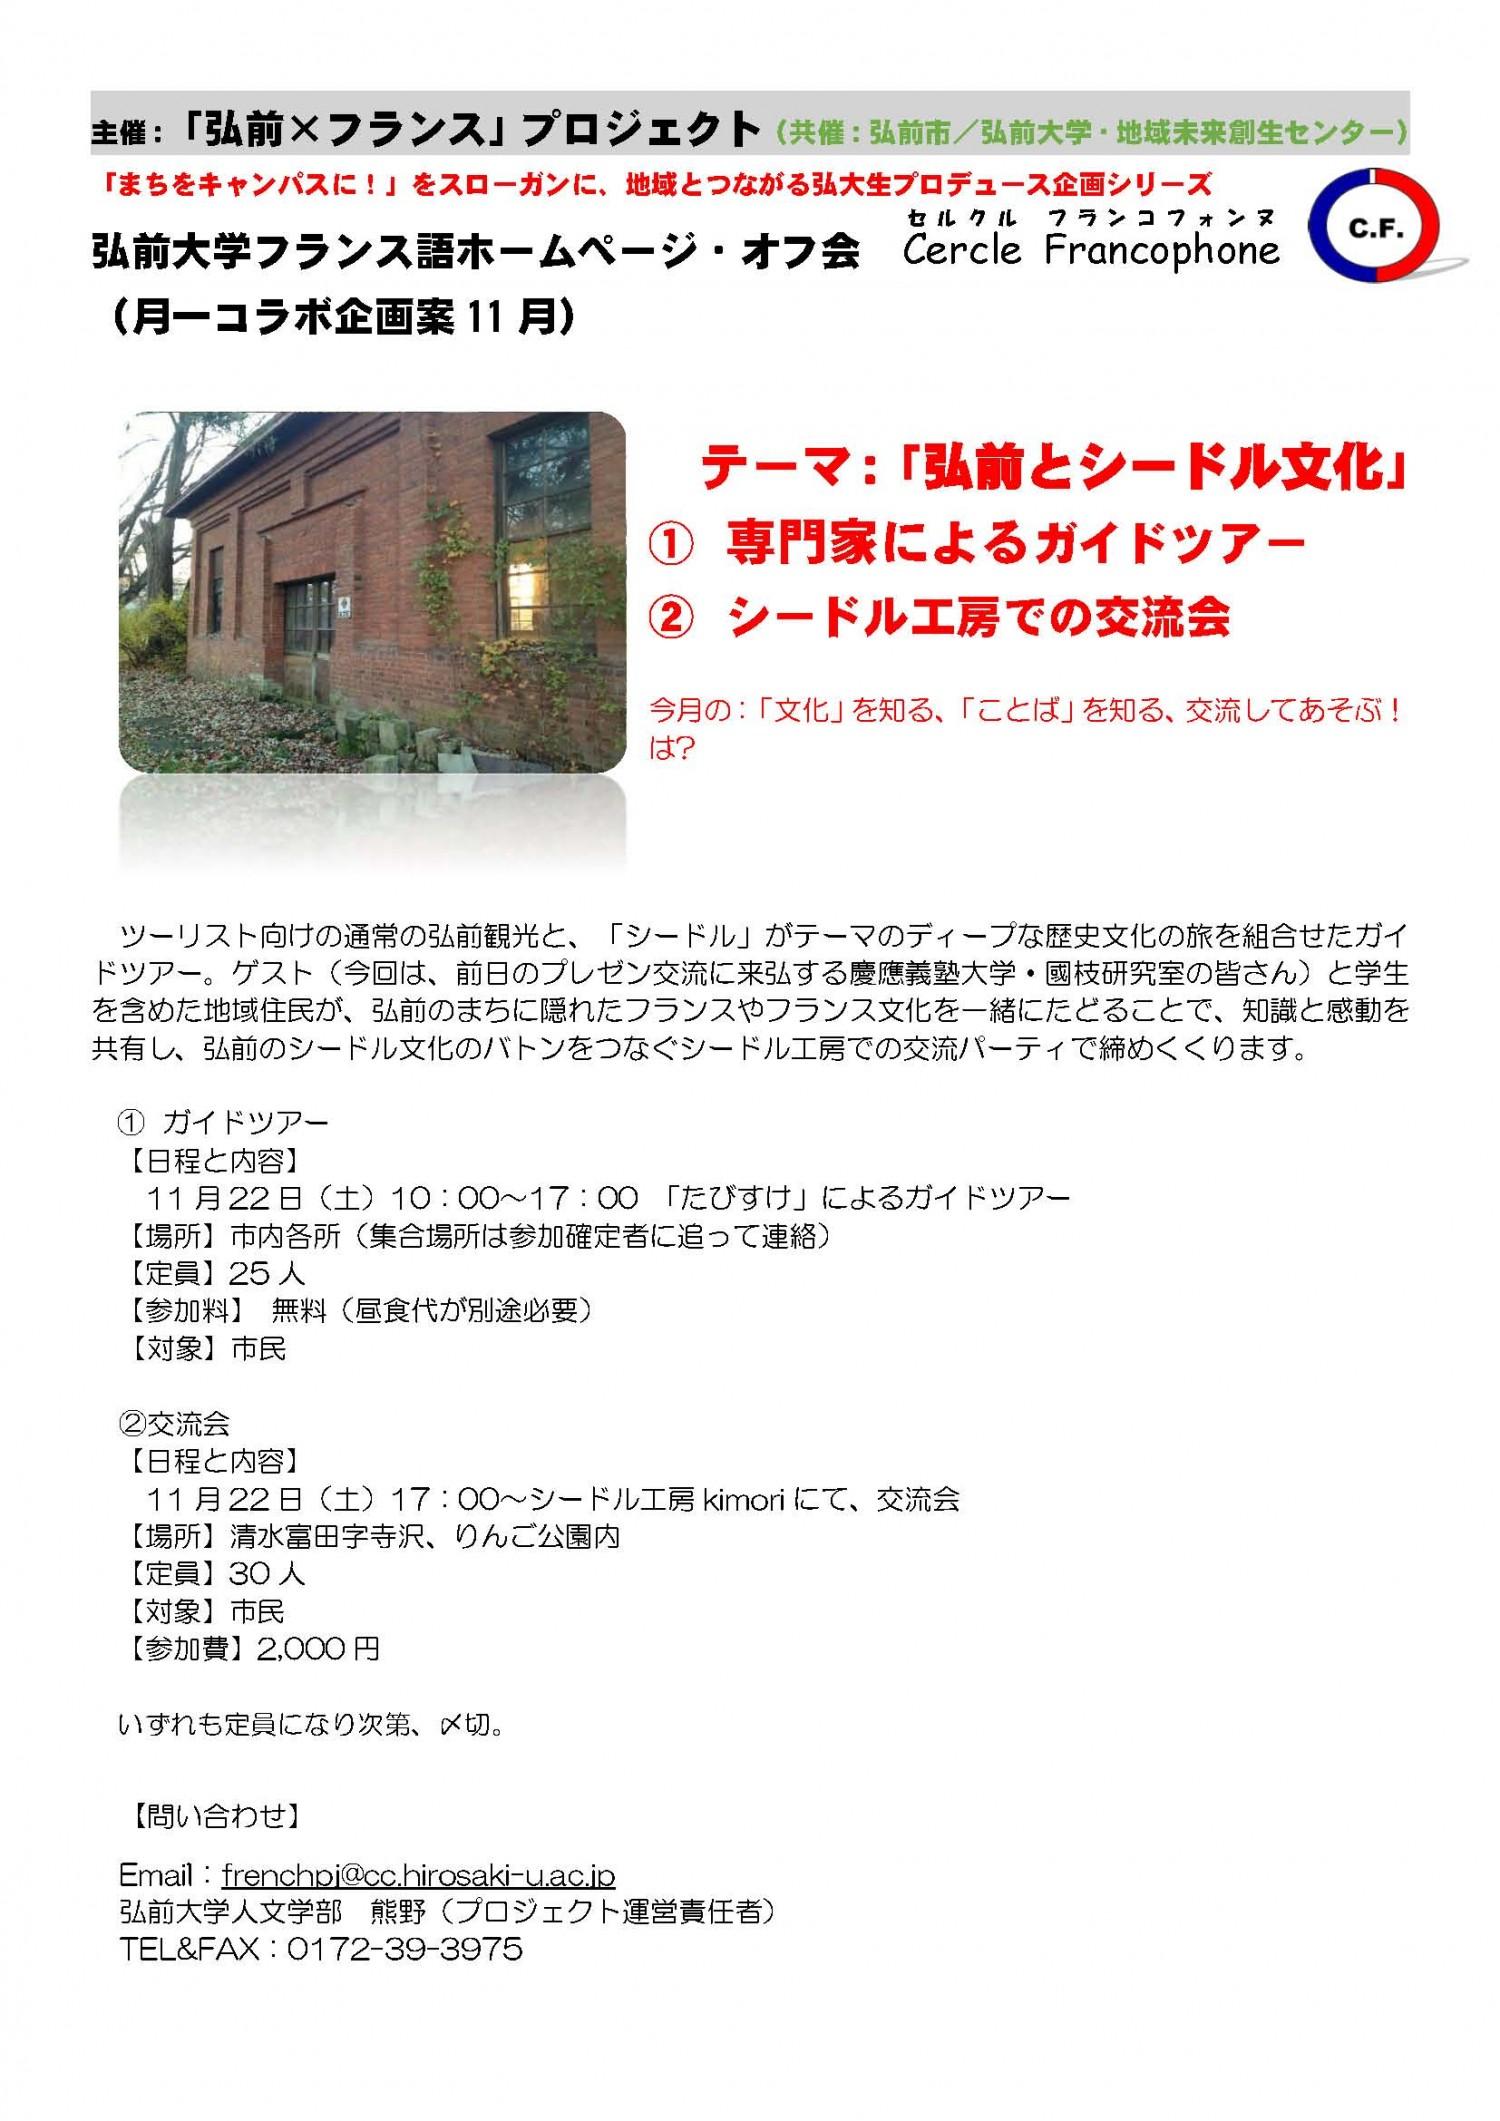 「弘前とシードル文化」(大学広報)